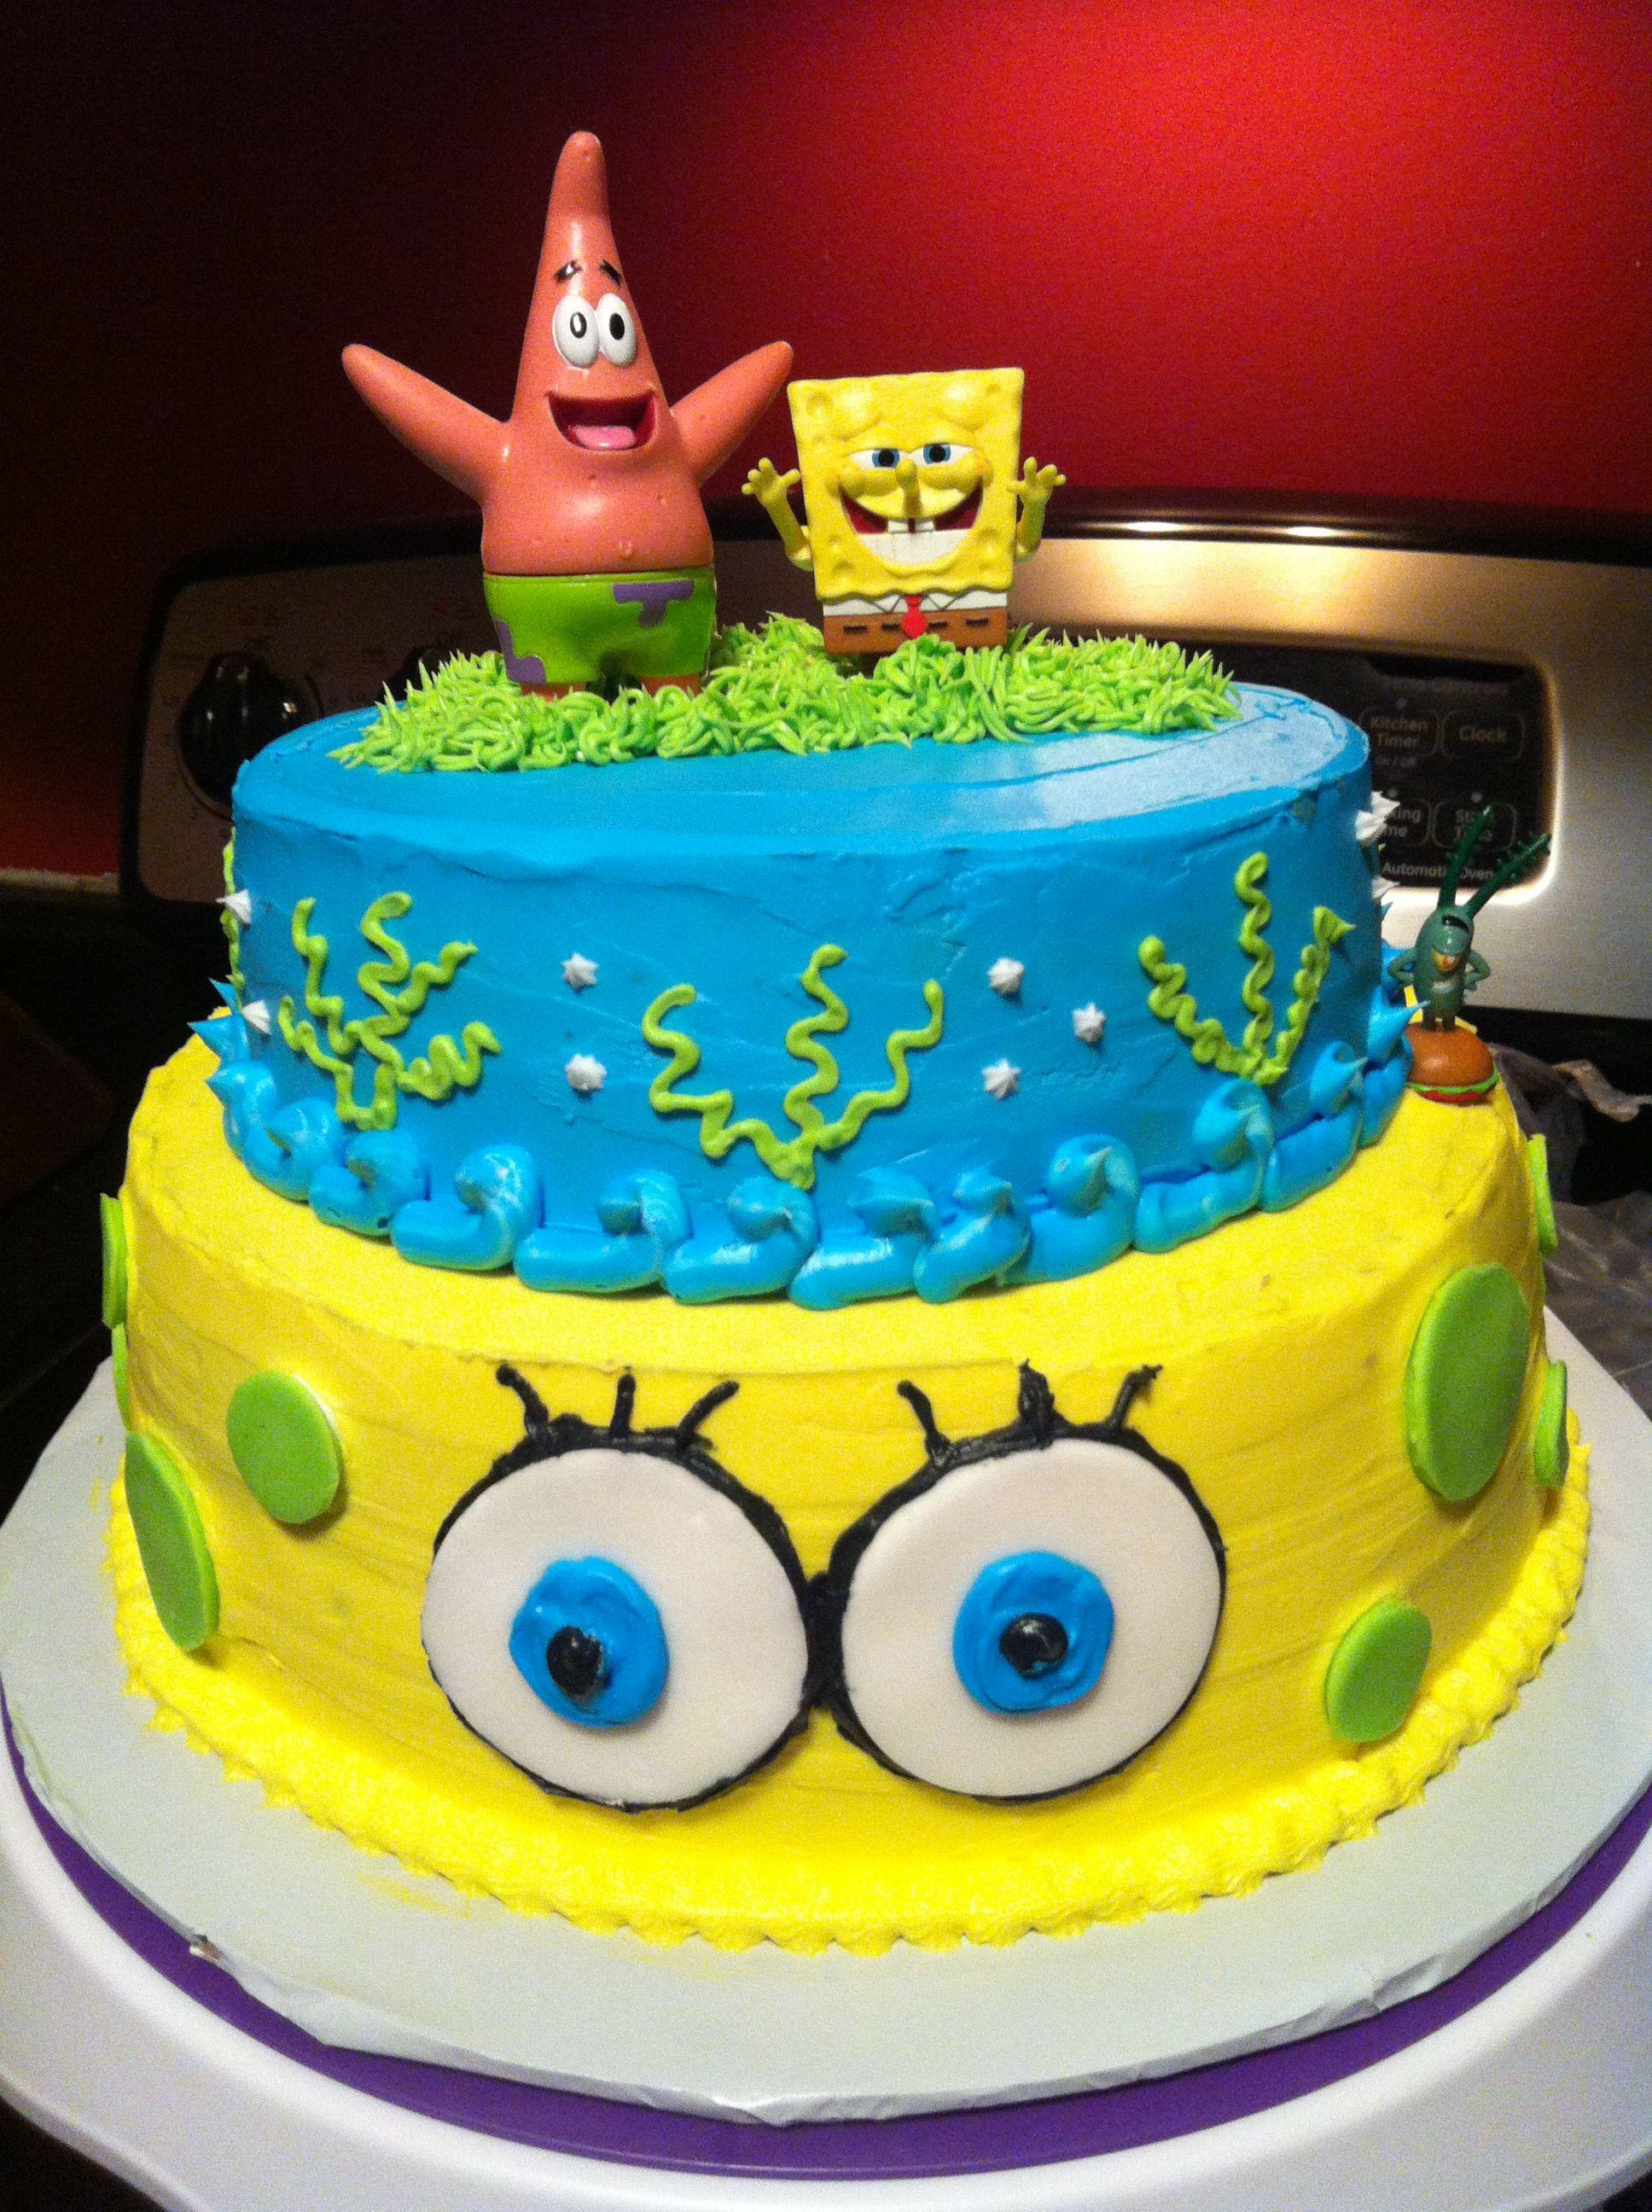 cake #4 dimension: 8